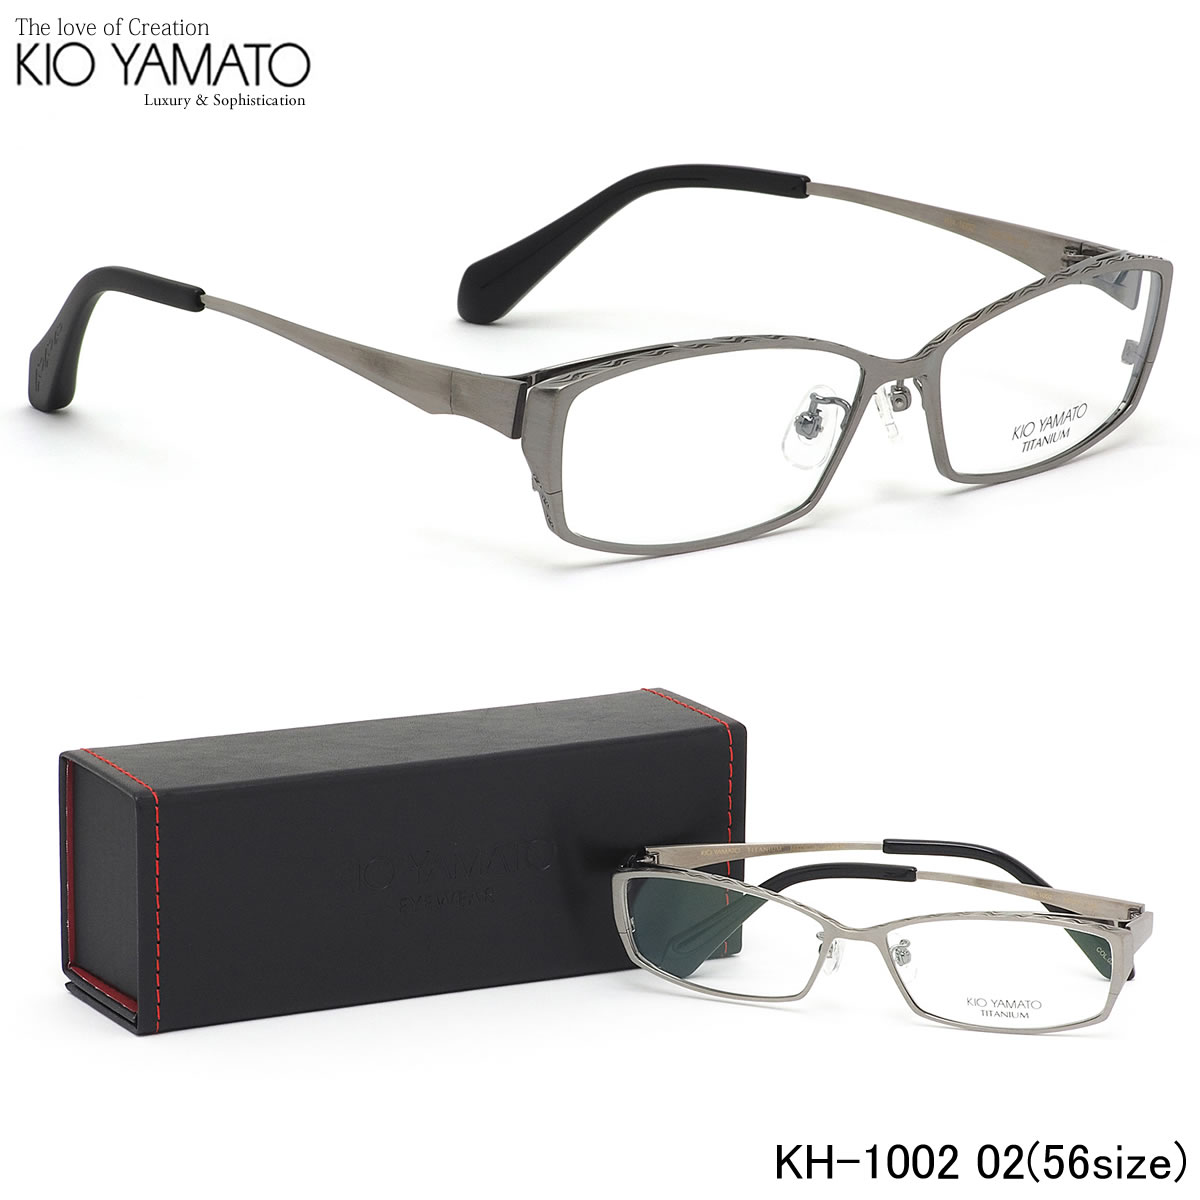 【10月30日からエントリーで全品ポイント20倍】キオヤマト KIO YAMATO メガネKH-1002 02 56サイズ日本製 チタン レーザー 彫刻キオヤマト KIOYAMATO メンズ レディース